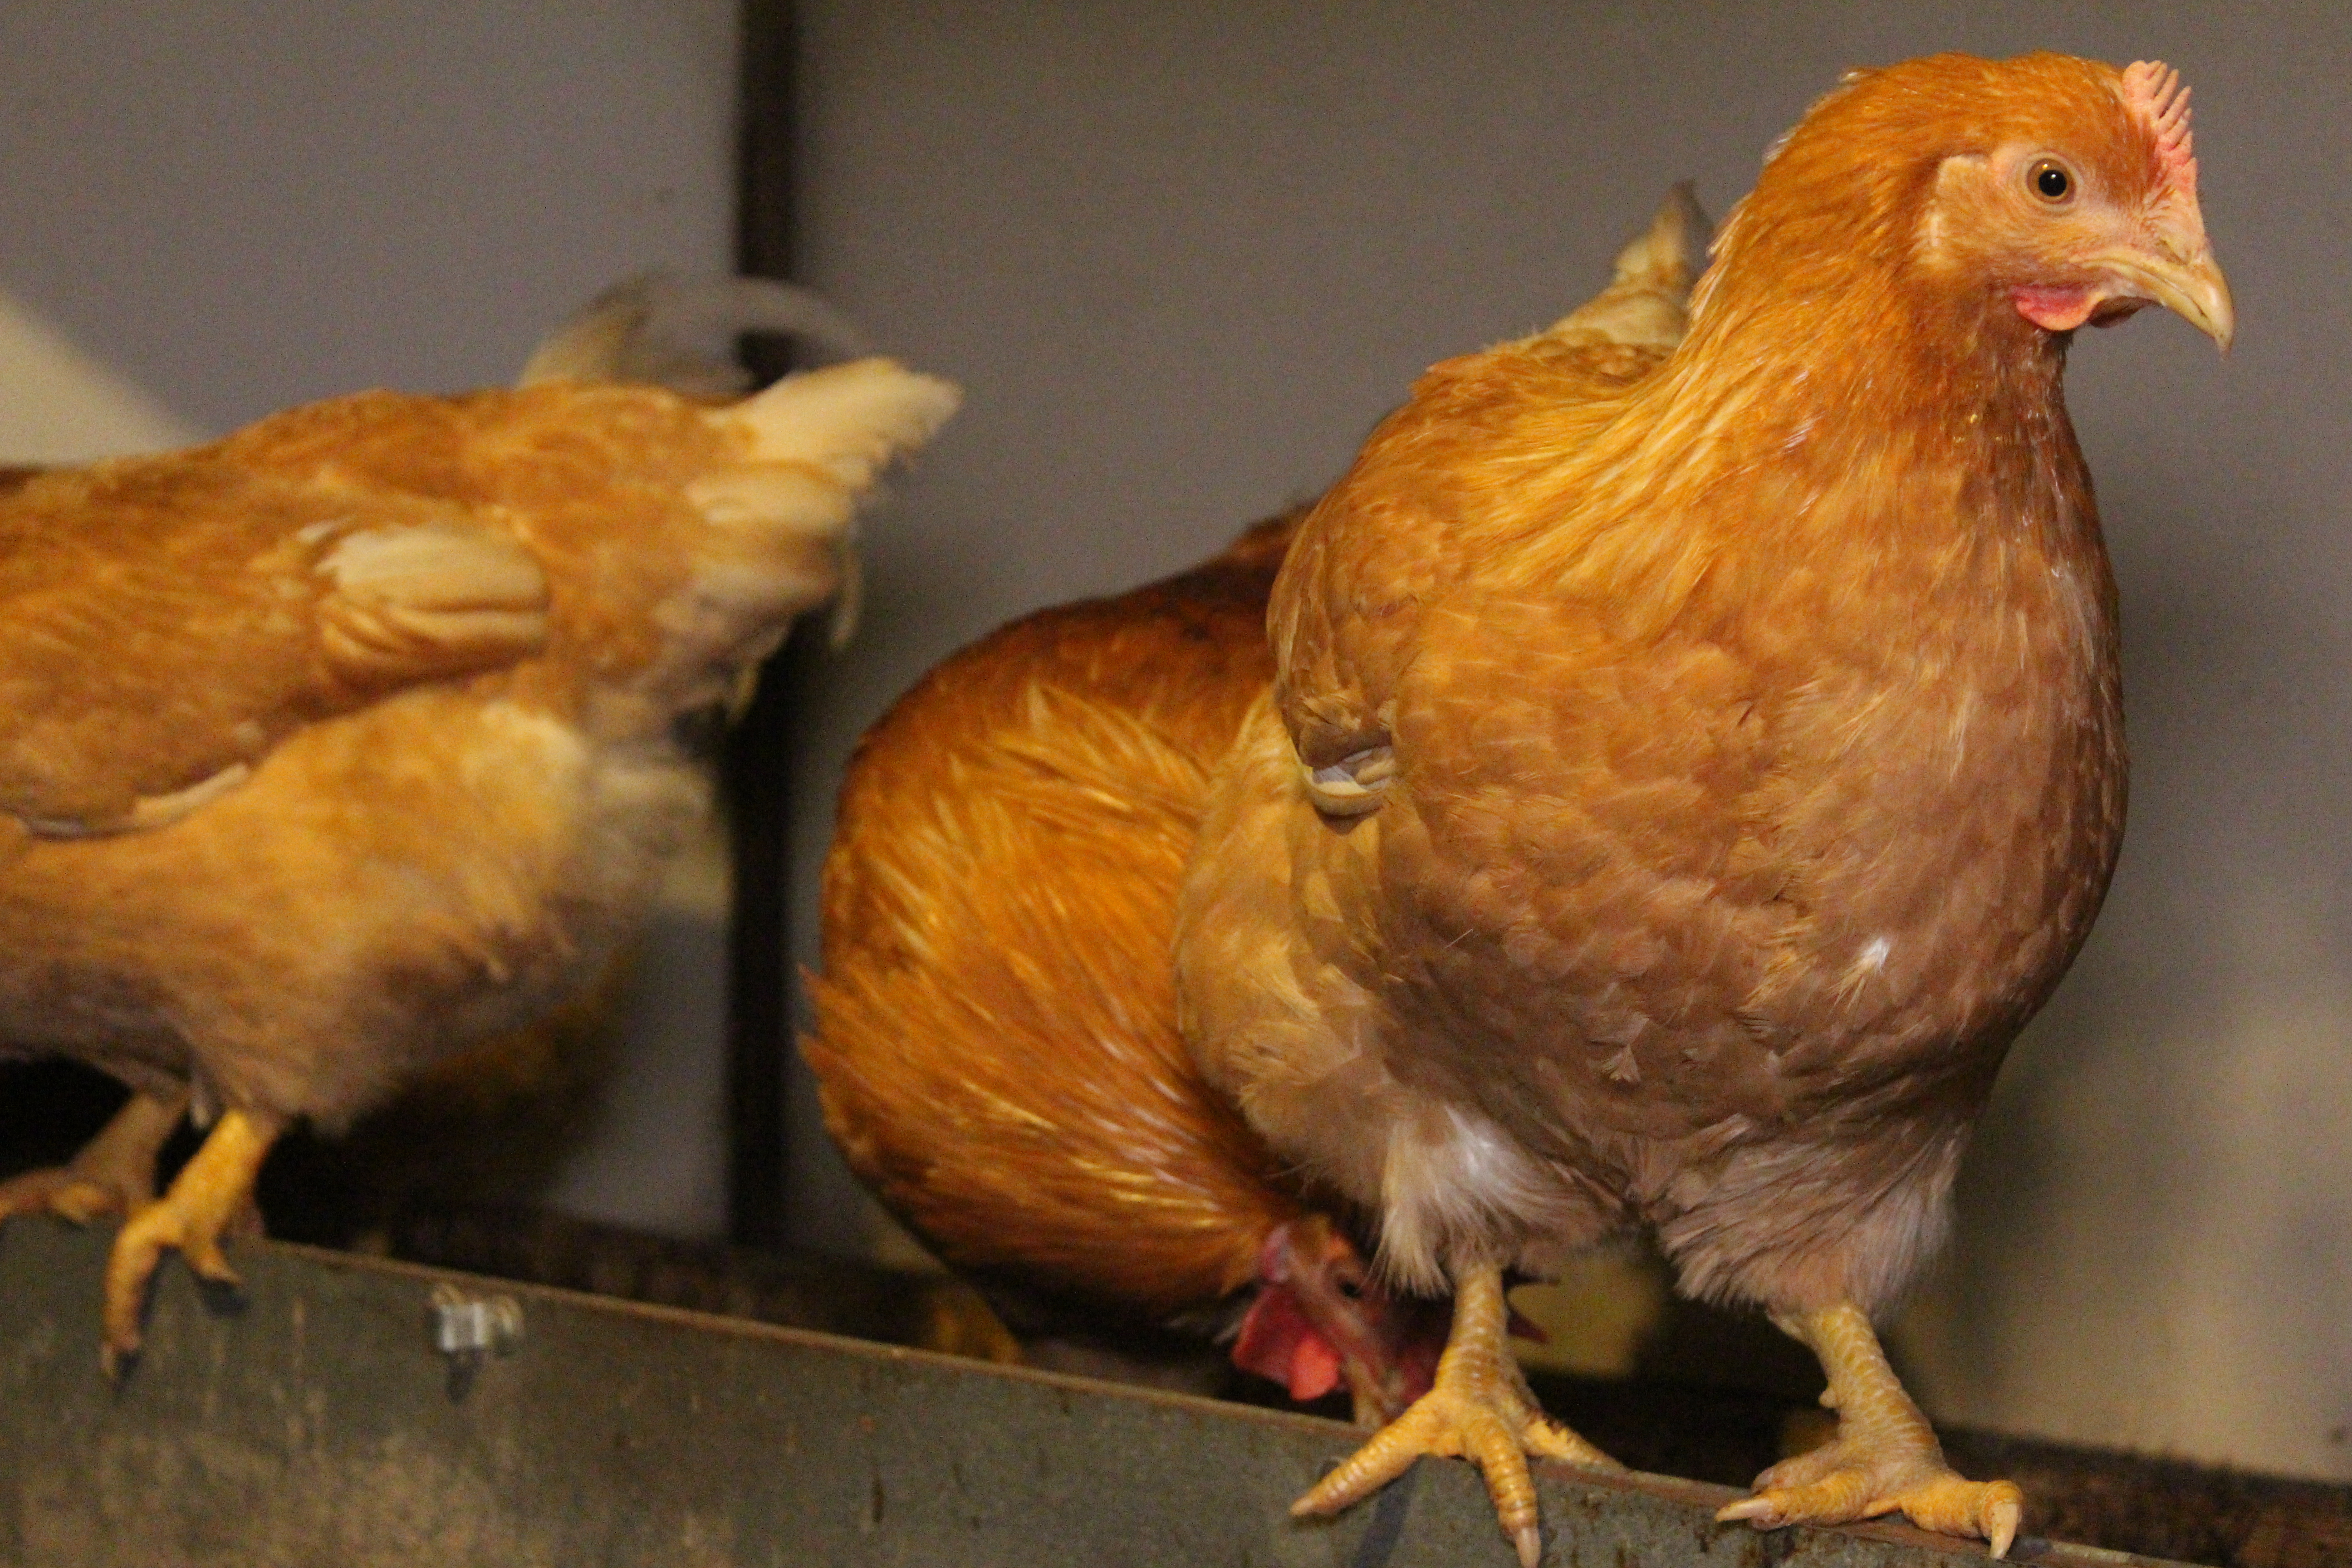 Пита Пинта Астуриана - мясо-яичная порода кур. Описание, содержание, выращивание, кормление и инкубация